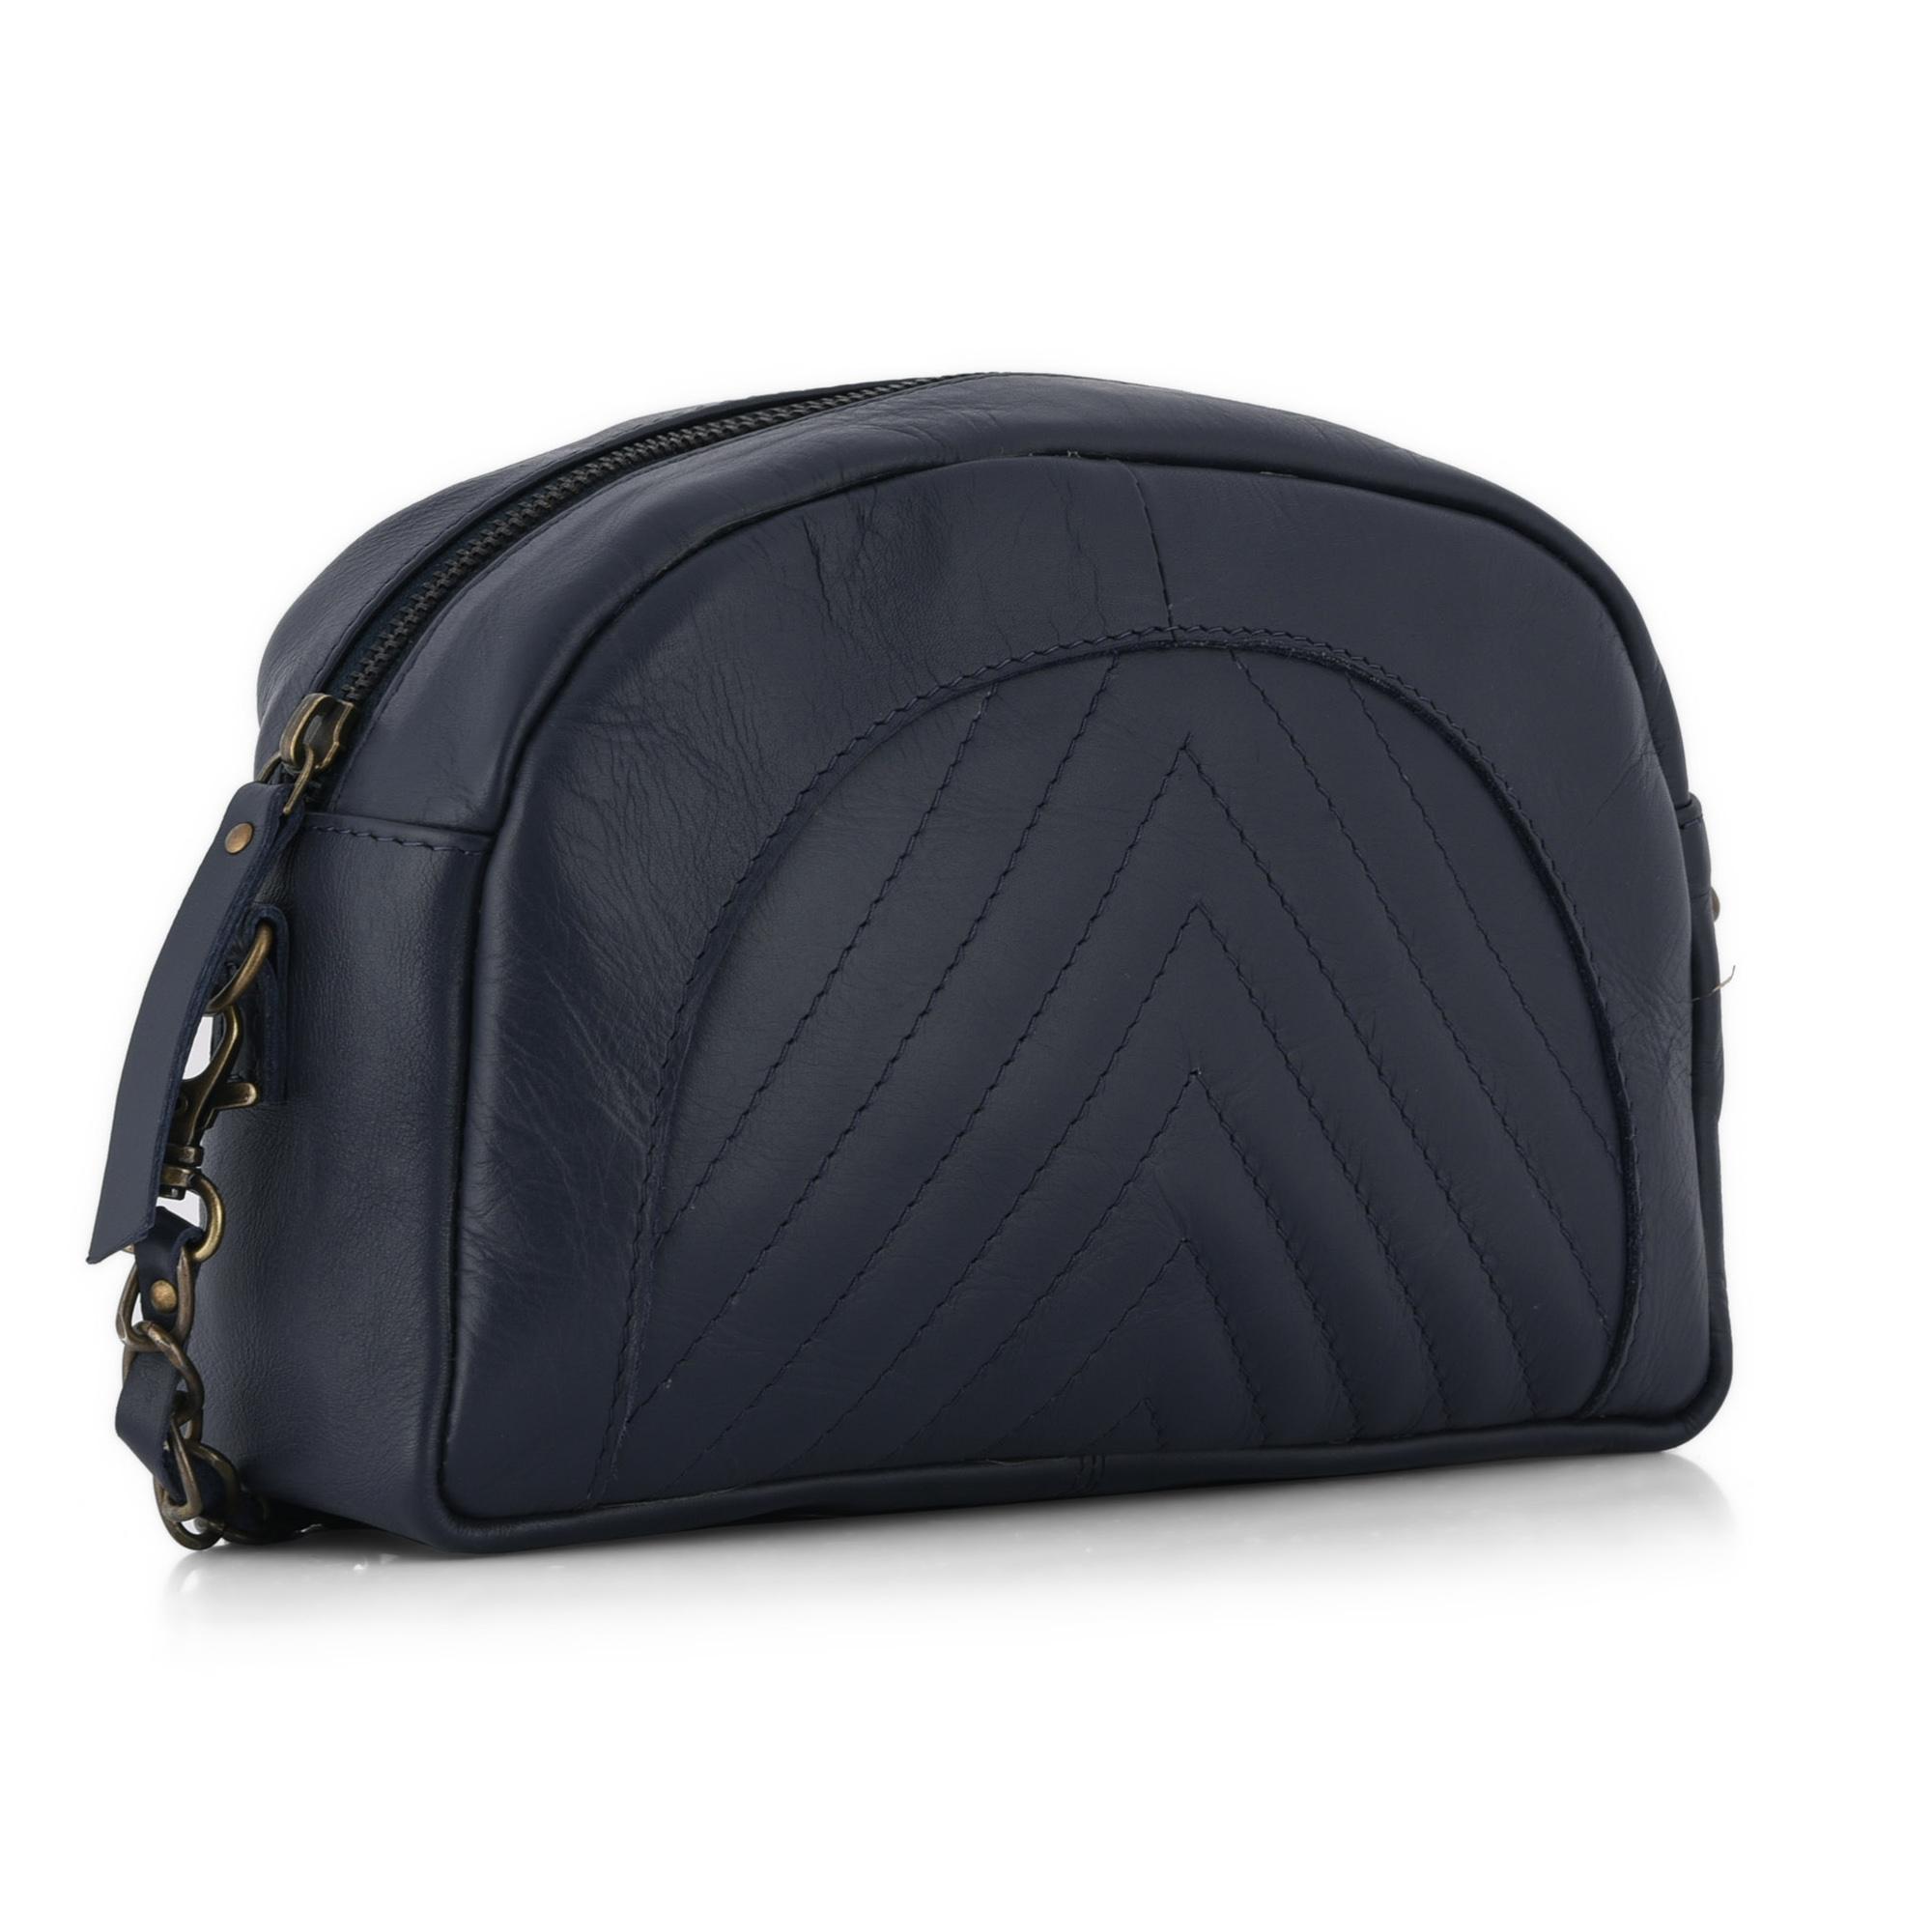 1190027_El Paso Quilted Bag_2